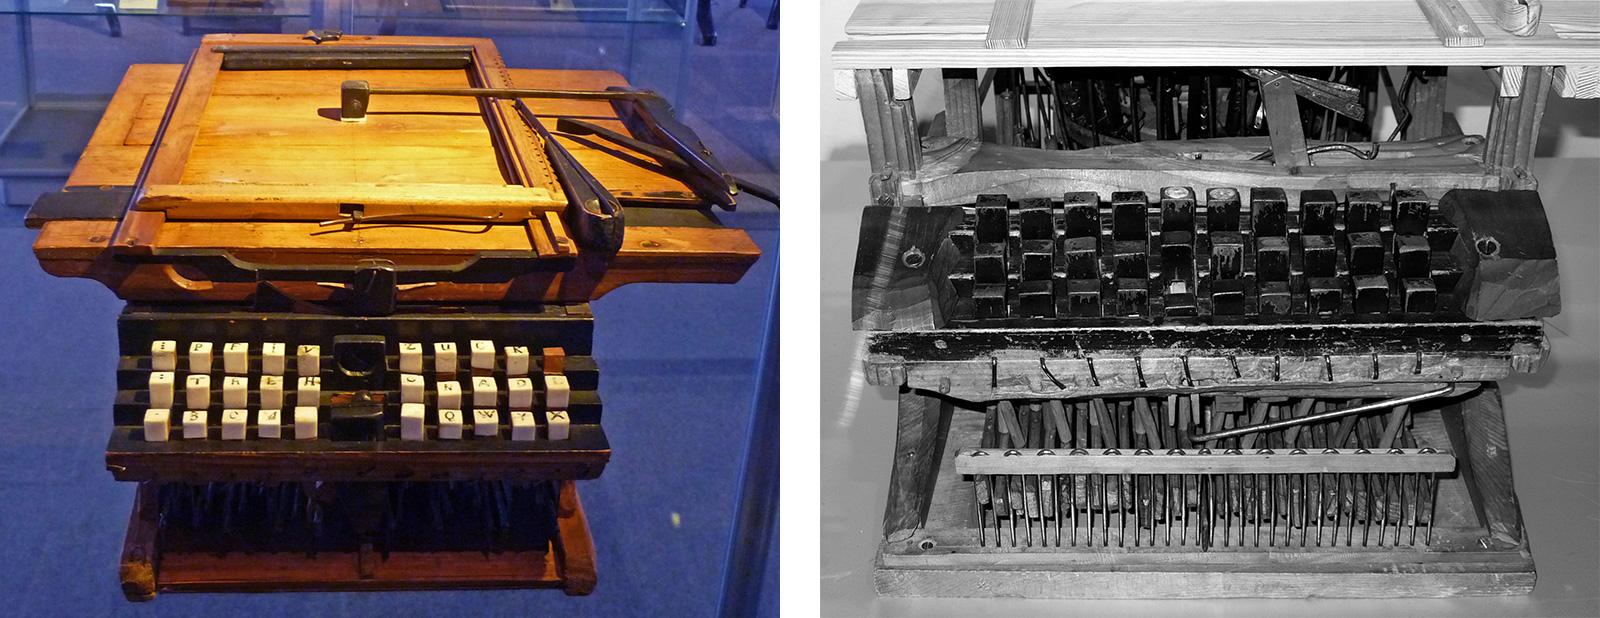 Schreibmschinen von Peter Mitterhofer